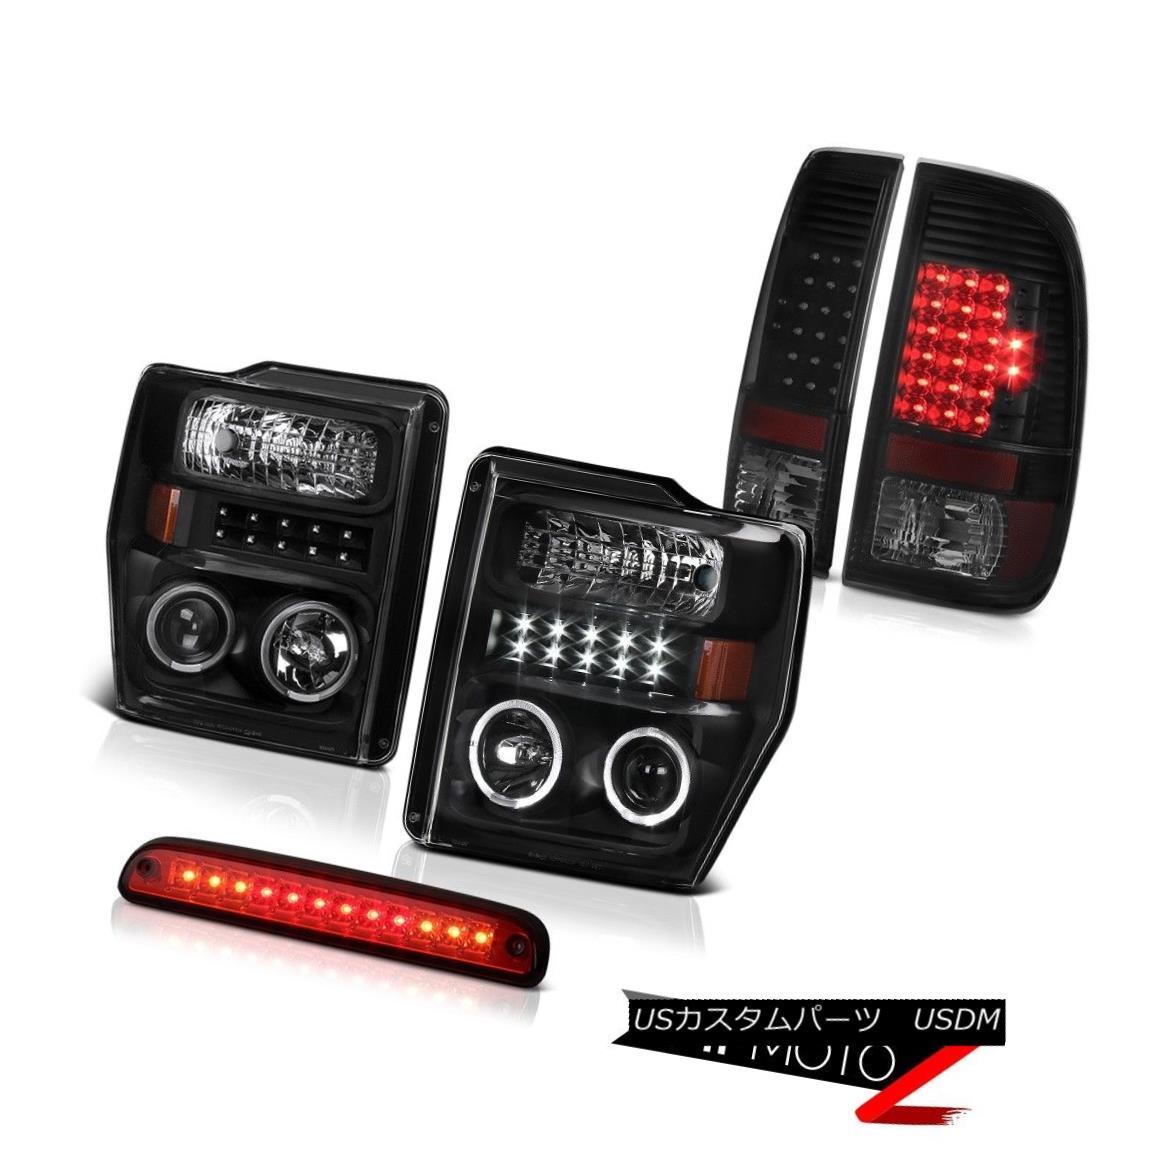 テールライト 08 09 10 Ford F250 SD Black LED DRL Headlamps Philip SuperFlux Taillights High 08 09 10 Ford F250 SDブラックLED DRLヘッドランプPhilip SuperFlux尾灯